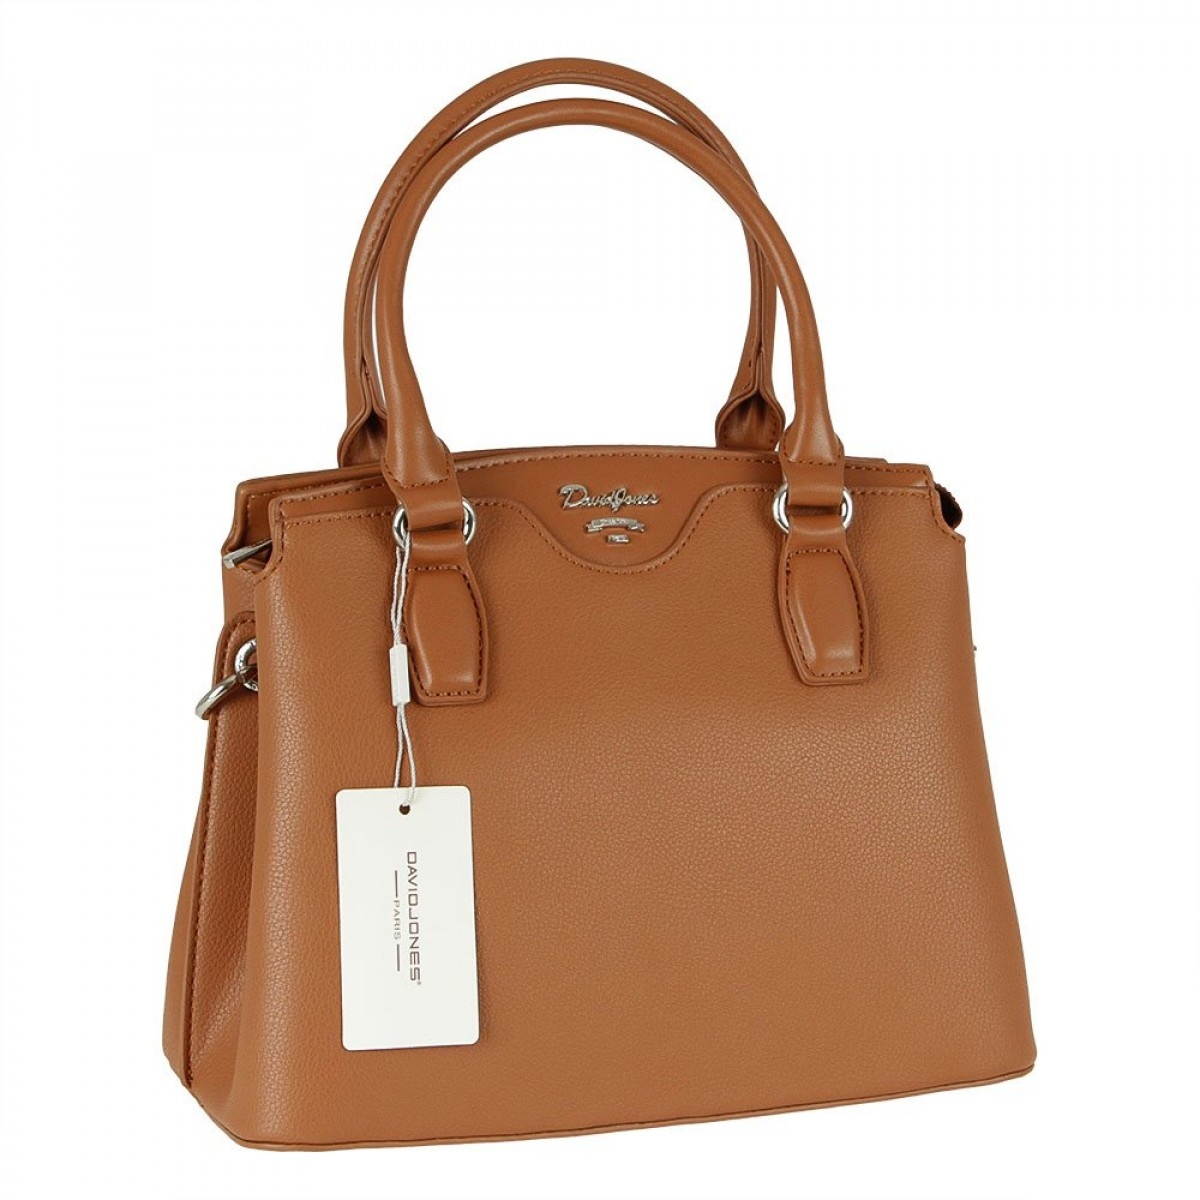 Жіноча сумка David Jones 6416-1 COGNAC